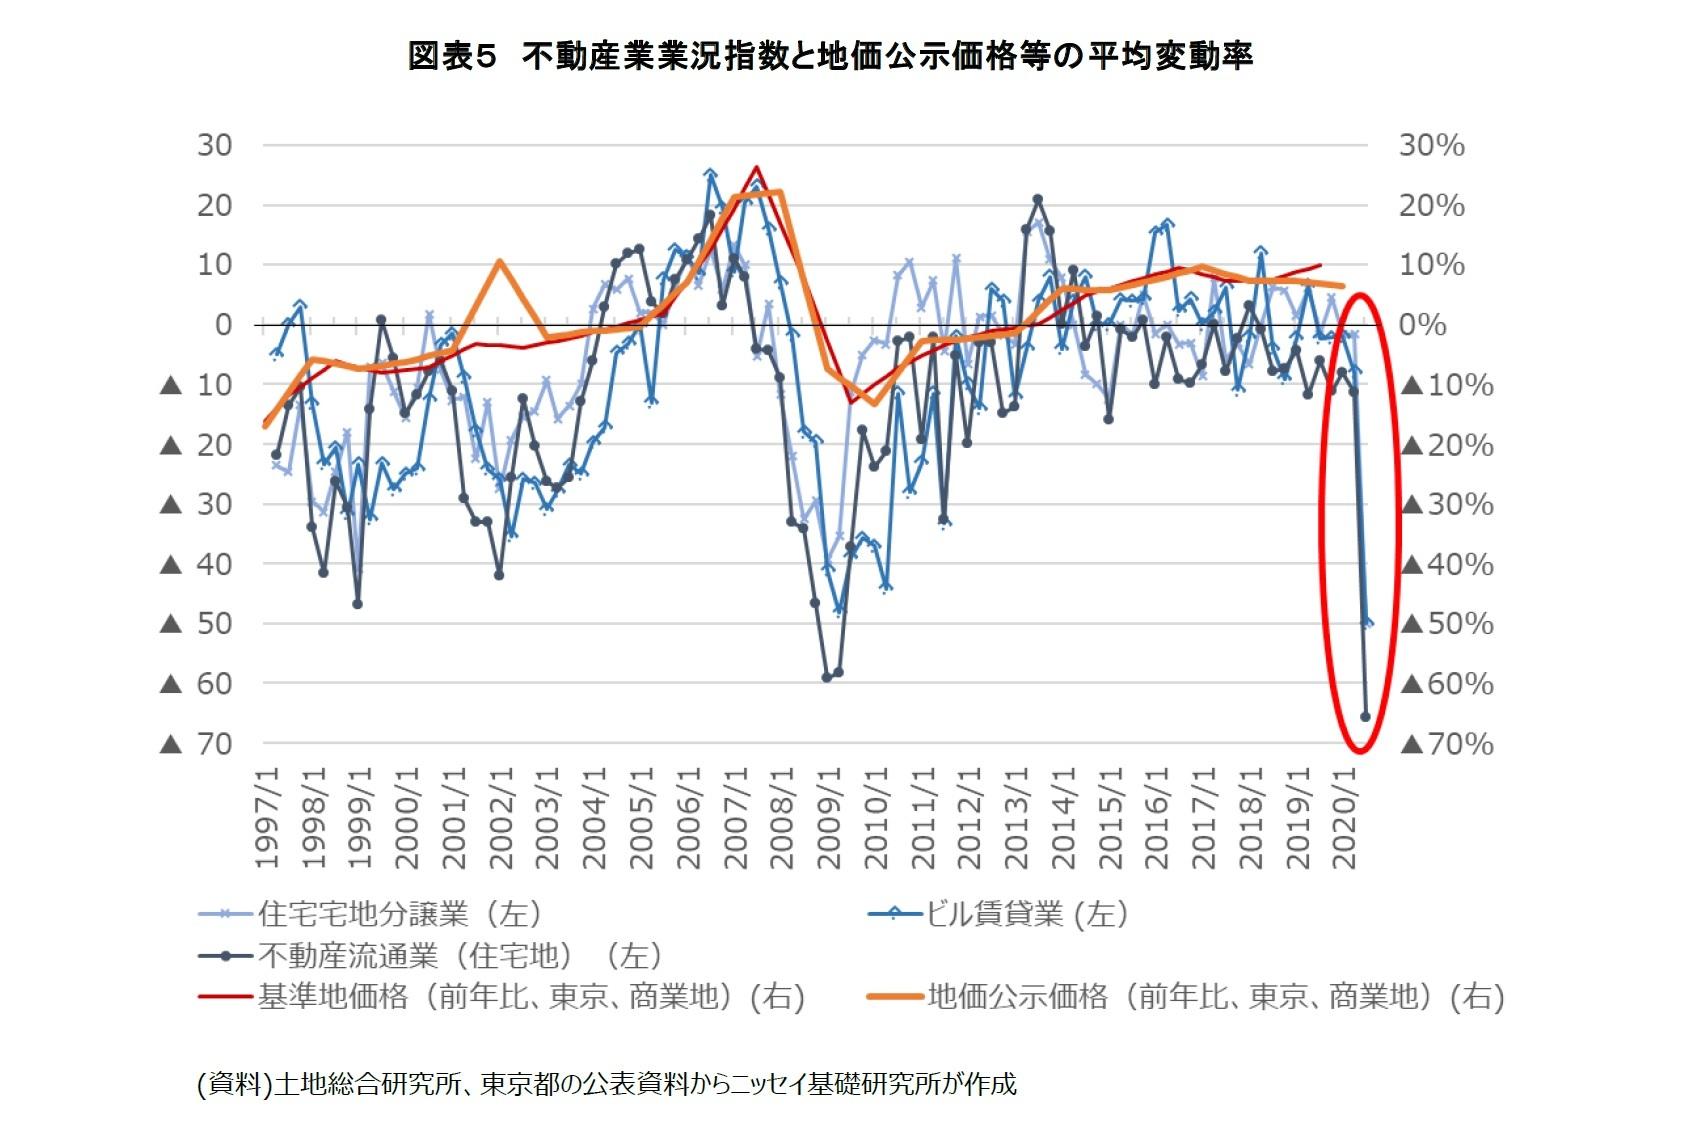 図表5 不動産業業況指数と地価公示価格等の平均変動率